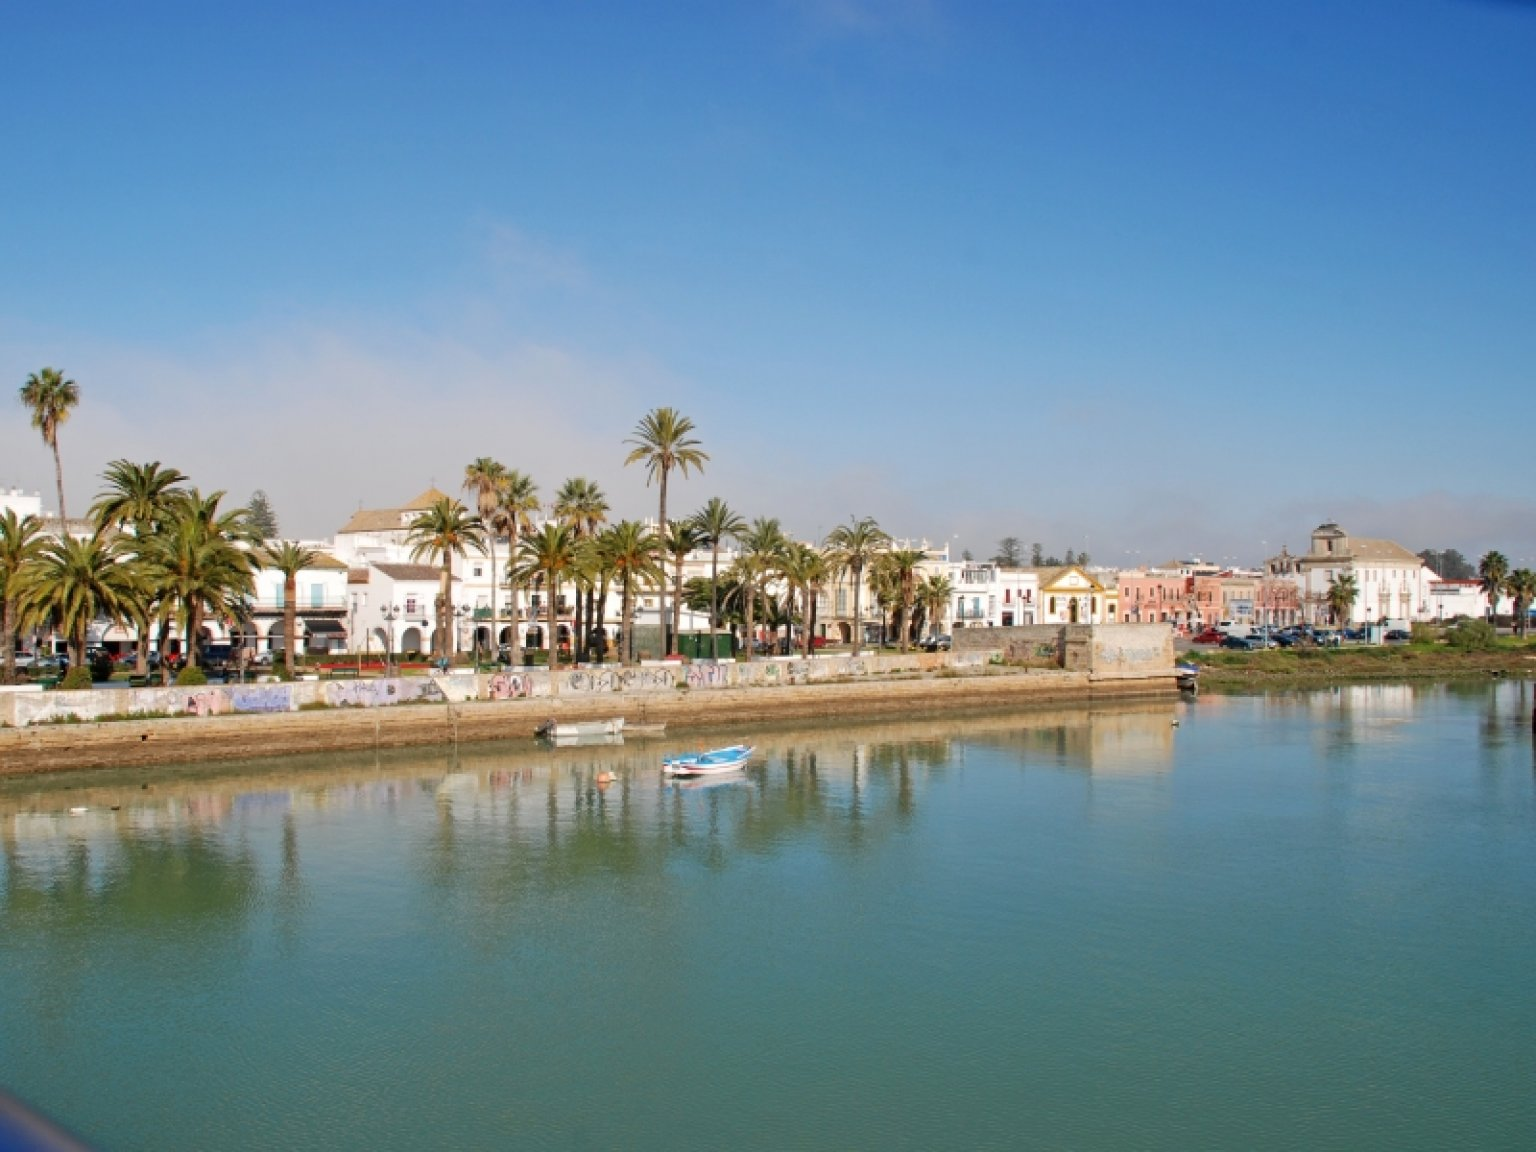 Ruta colombina a orillas del r o guadalete en el puerto de santa mar a - Autobus madrid puerto de santa maria ...